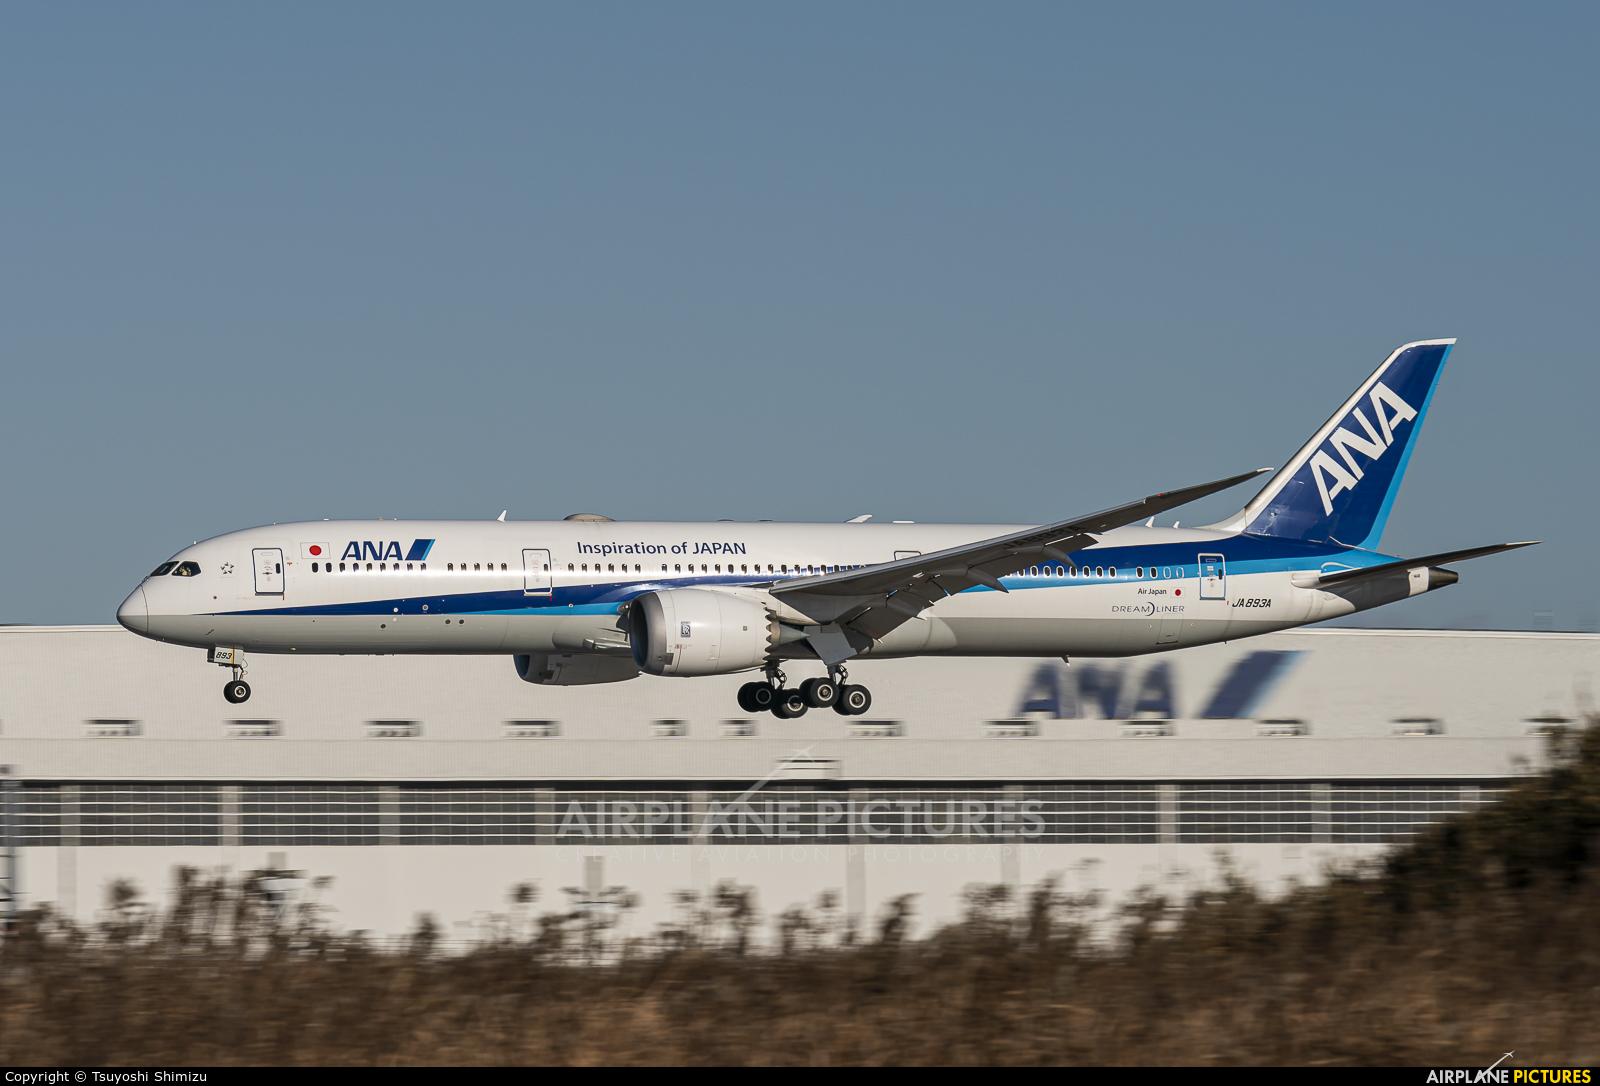 ANA - All Nippon Airways JA893A aircraft at Tokyo - Narita Intl